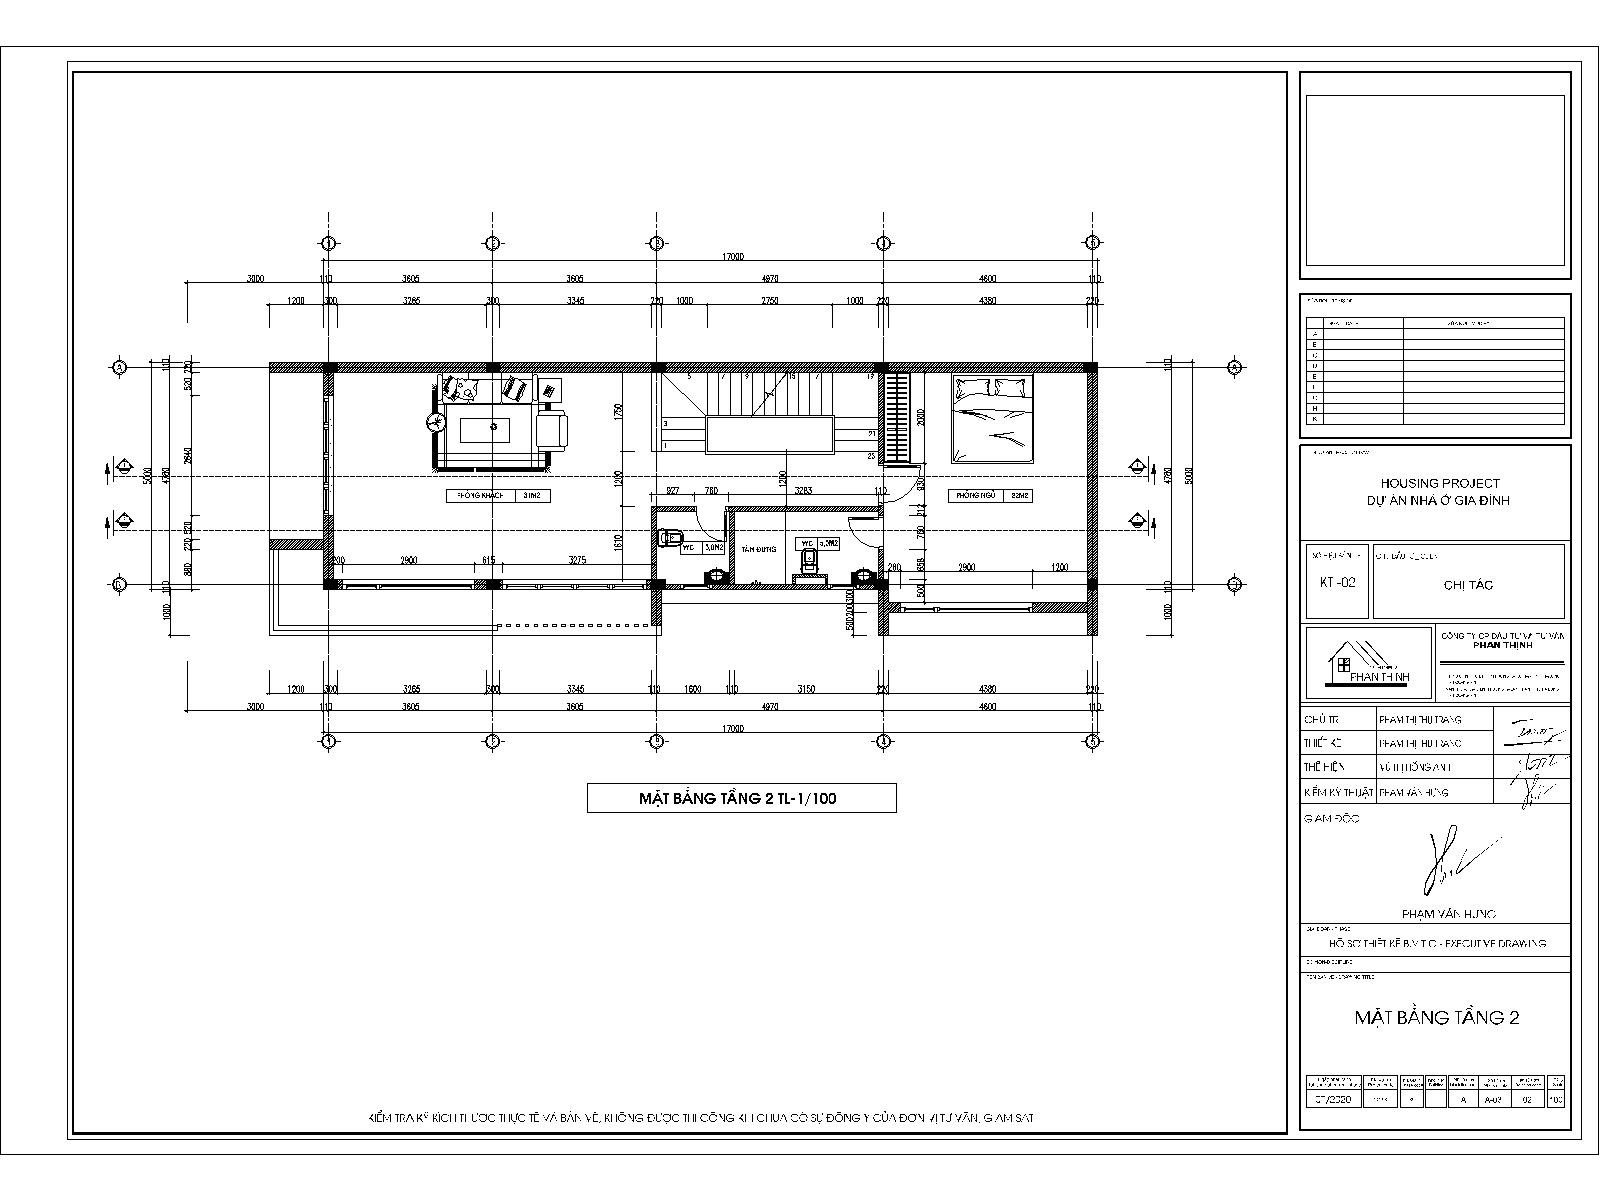 Mặt bằng tầng 2 - Kiến trúc mặt tiền nhà 3 tầng